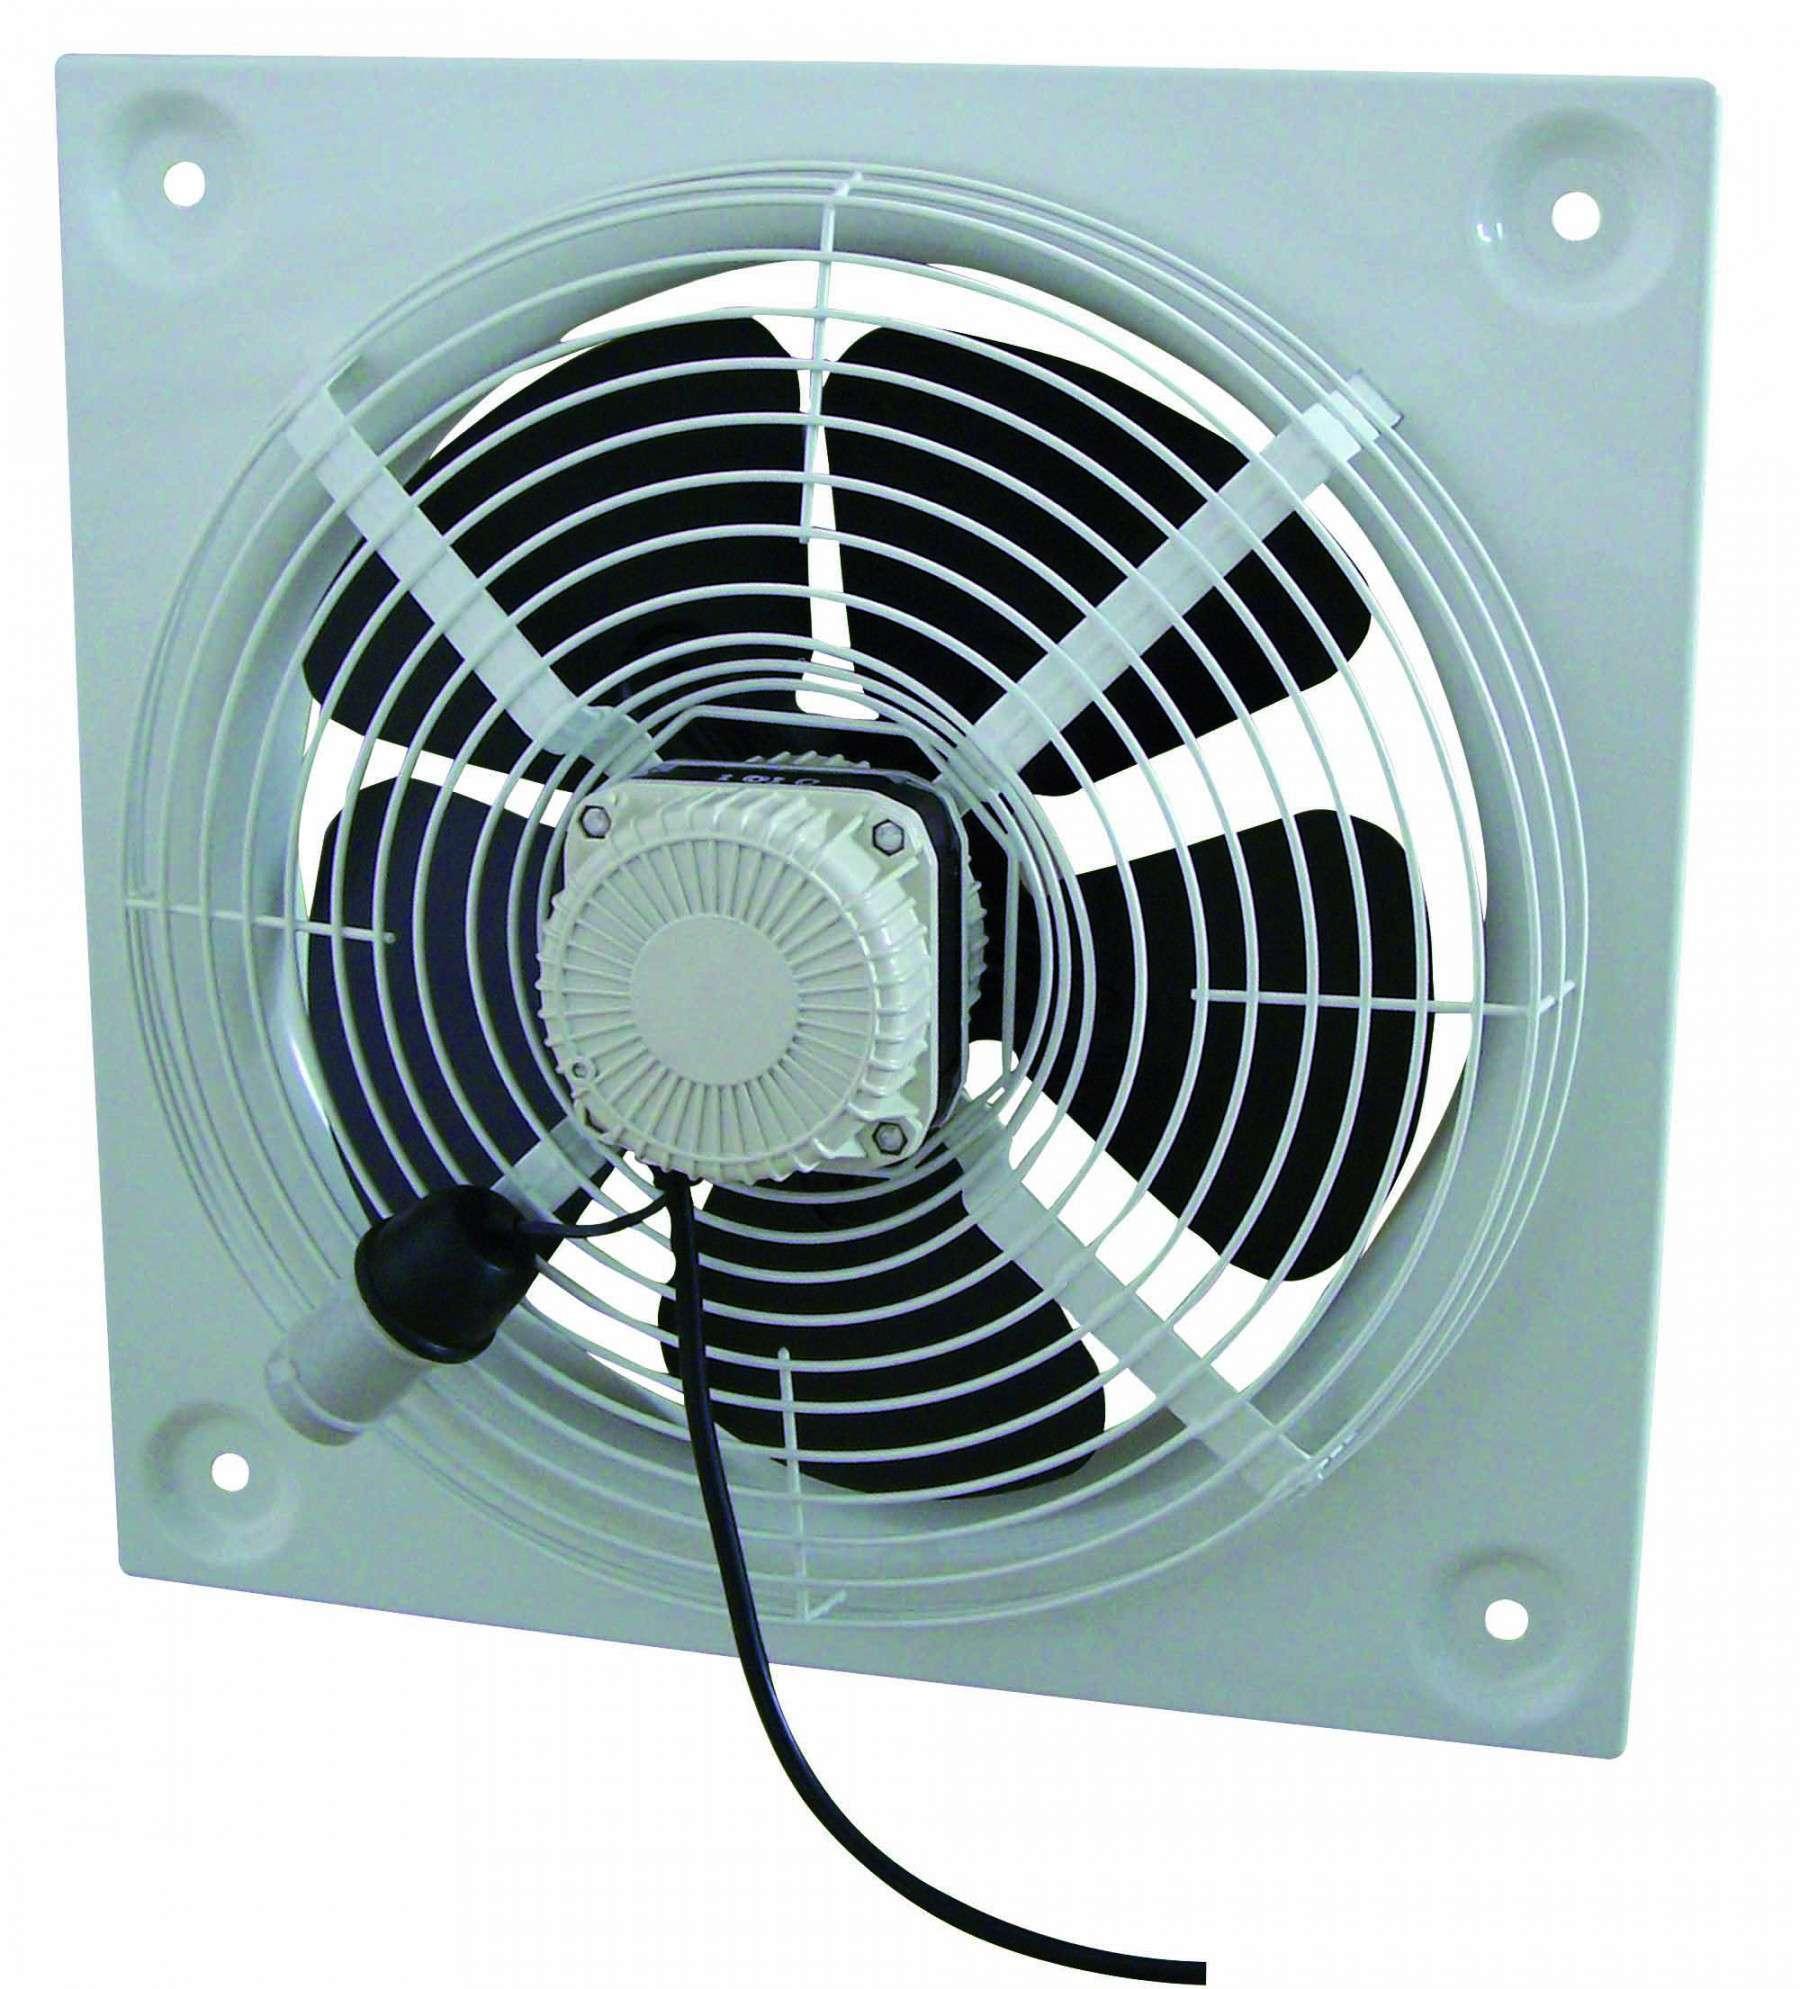 HXM 350 UNELVENT Ventilateur Hélicoïde Mural 50326